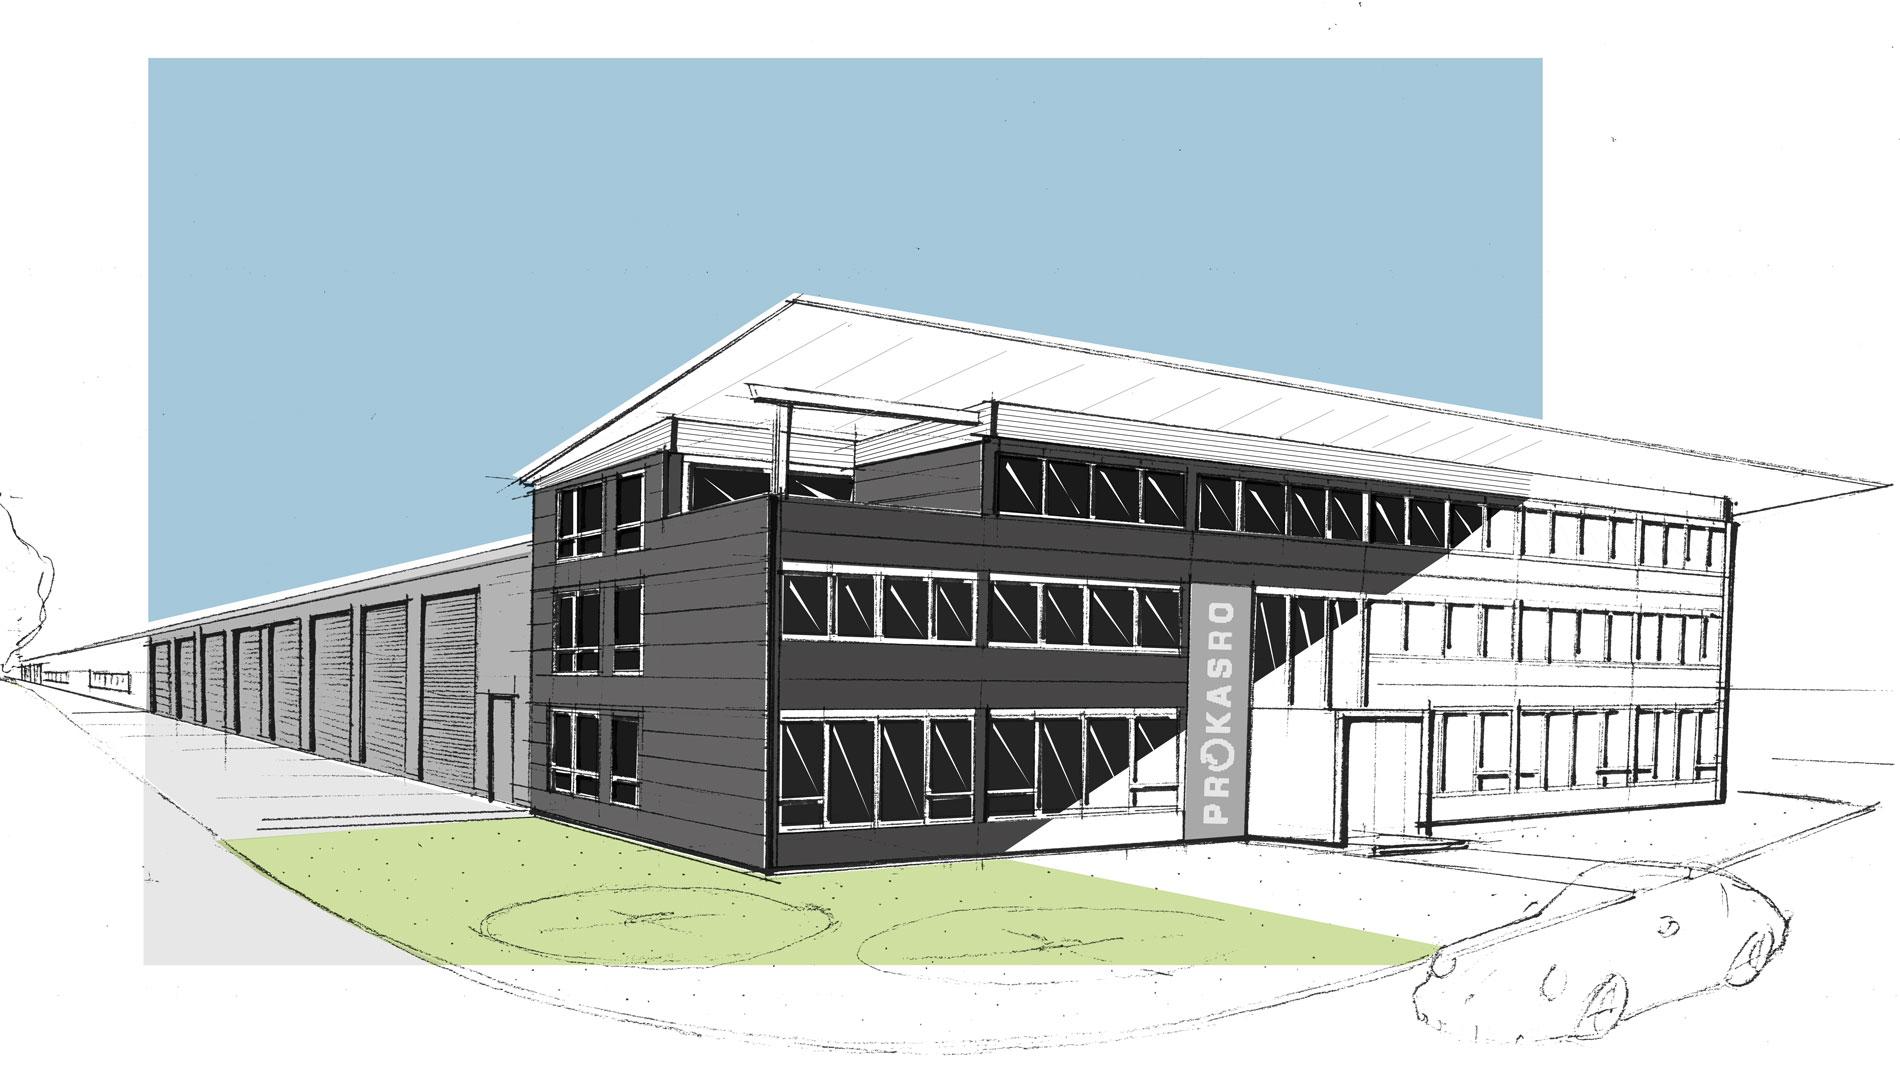 Architekt Industriehalle mit repräsentativem Verwaltungstrakt